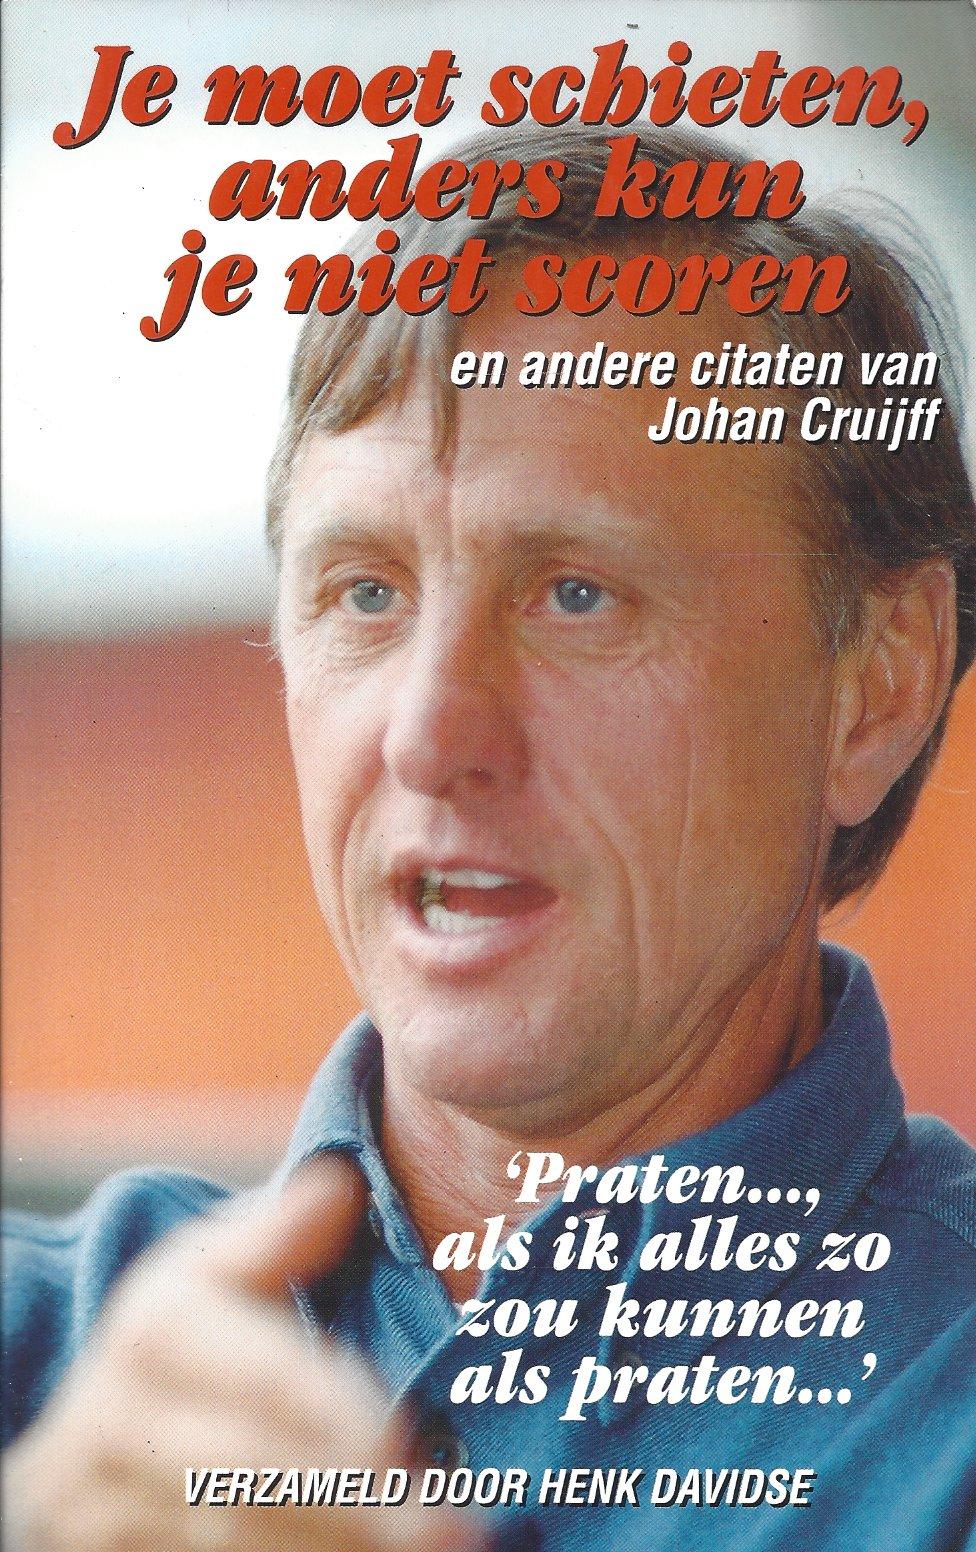 Citaten Johan Cruijff : Je moet schieten anders kun niet scoren citaten